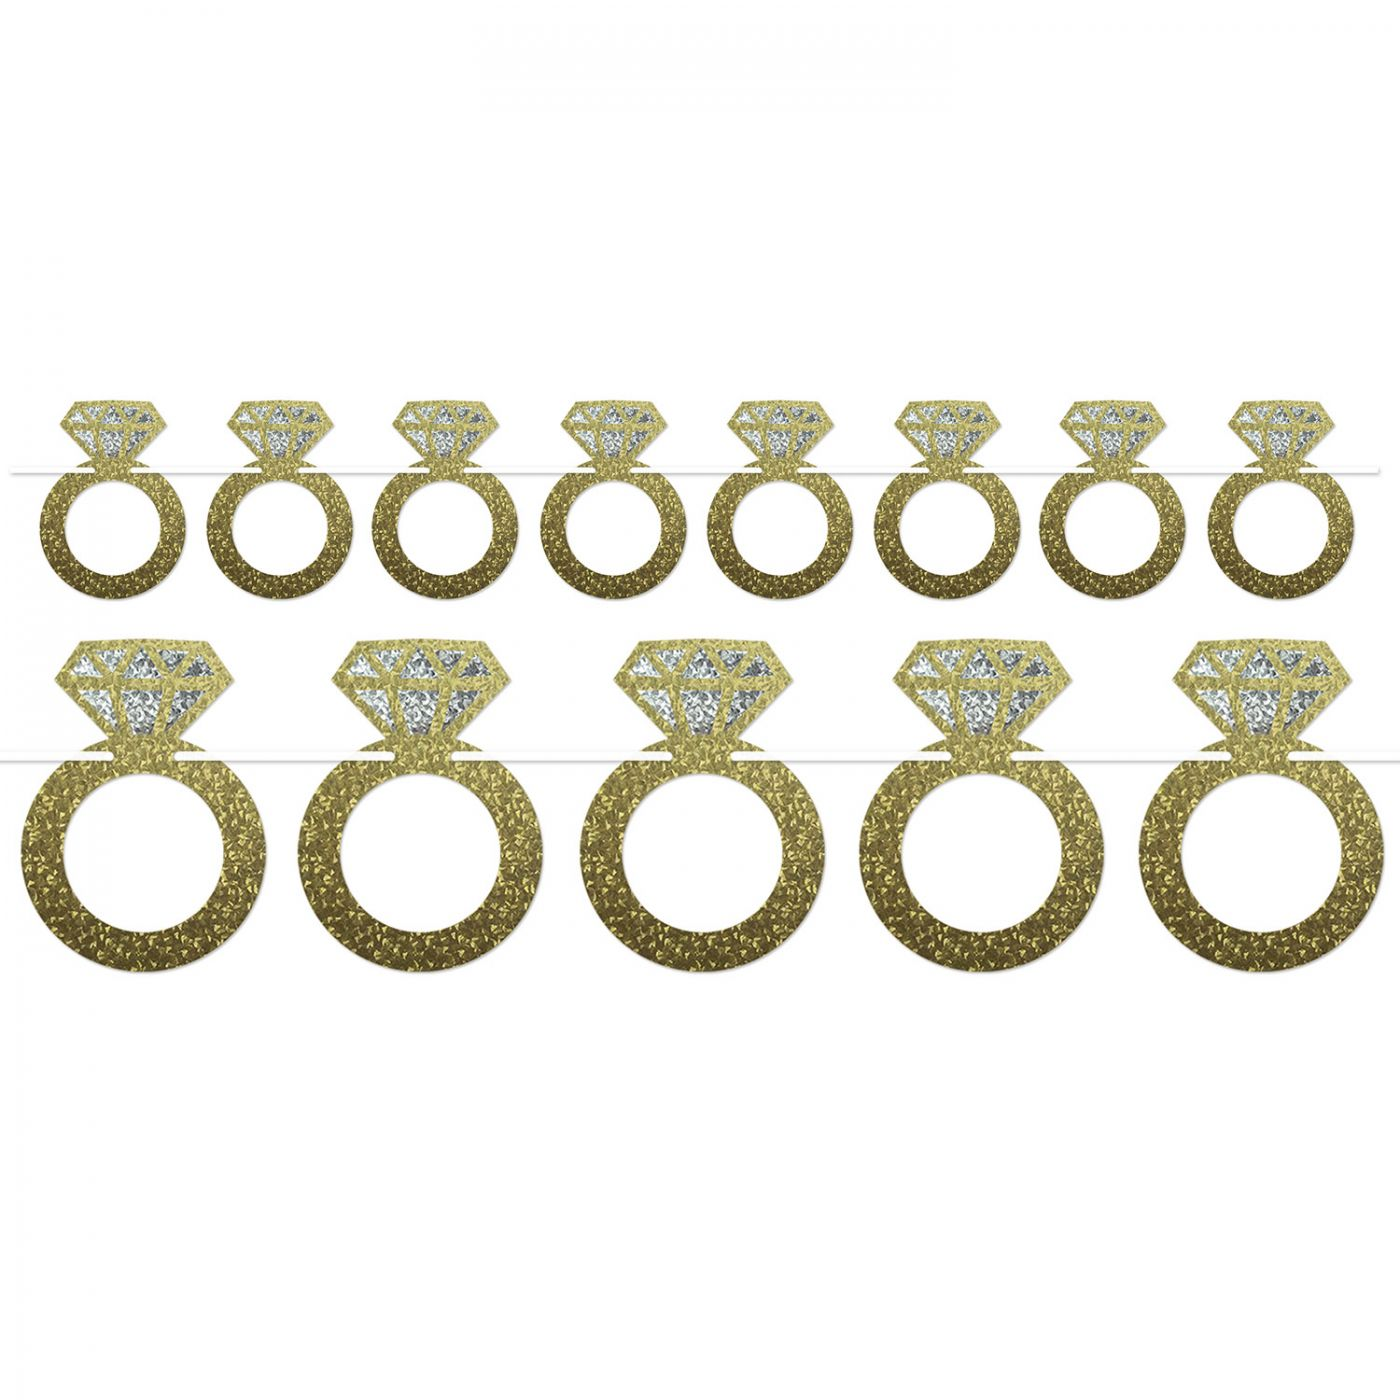 Diamond Rings Streamer image